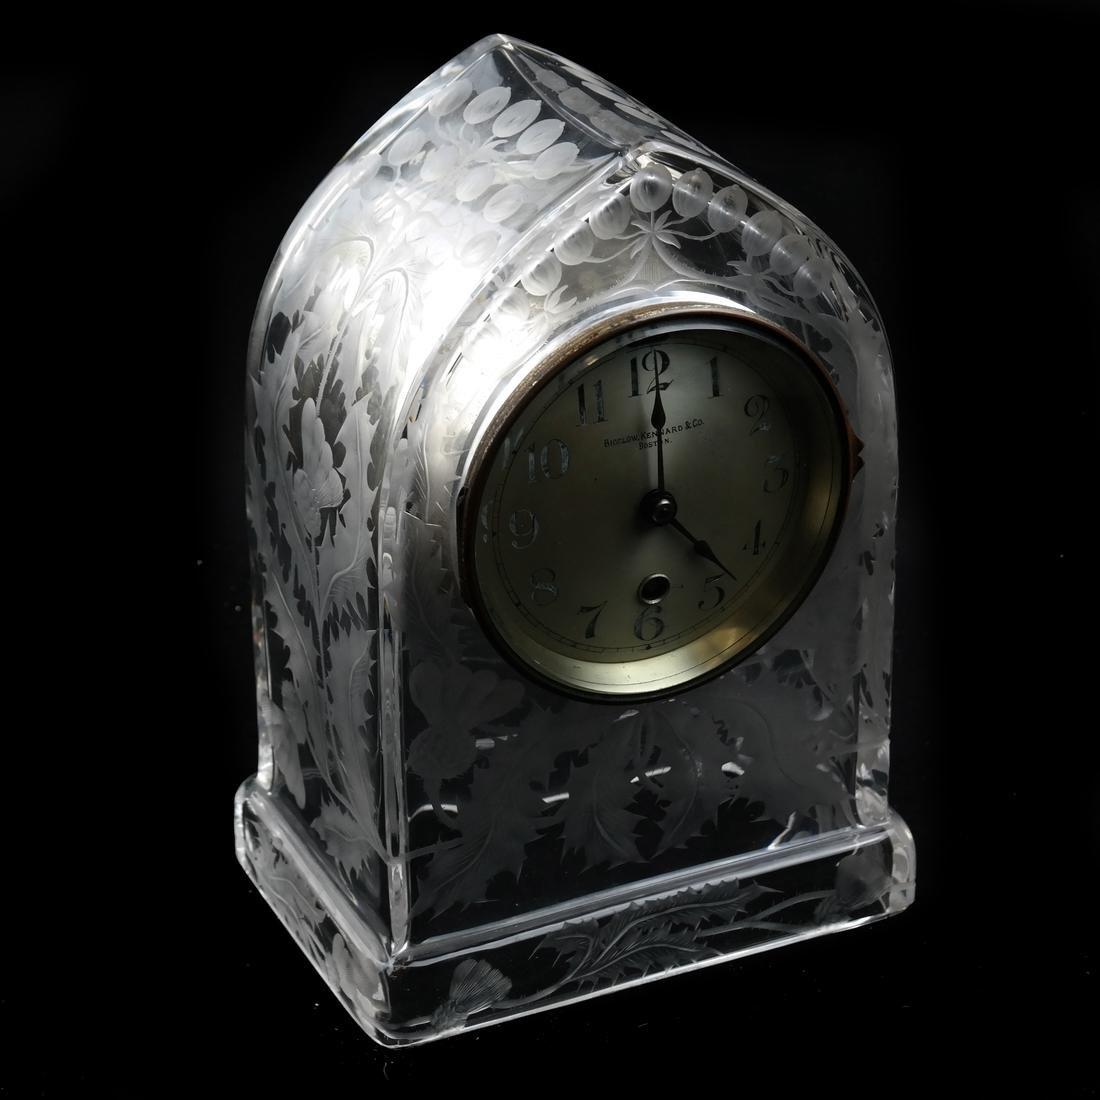 Bigelow, Kennard & Co. Mantle Clock